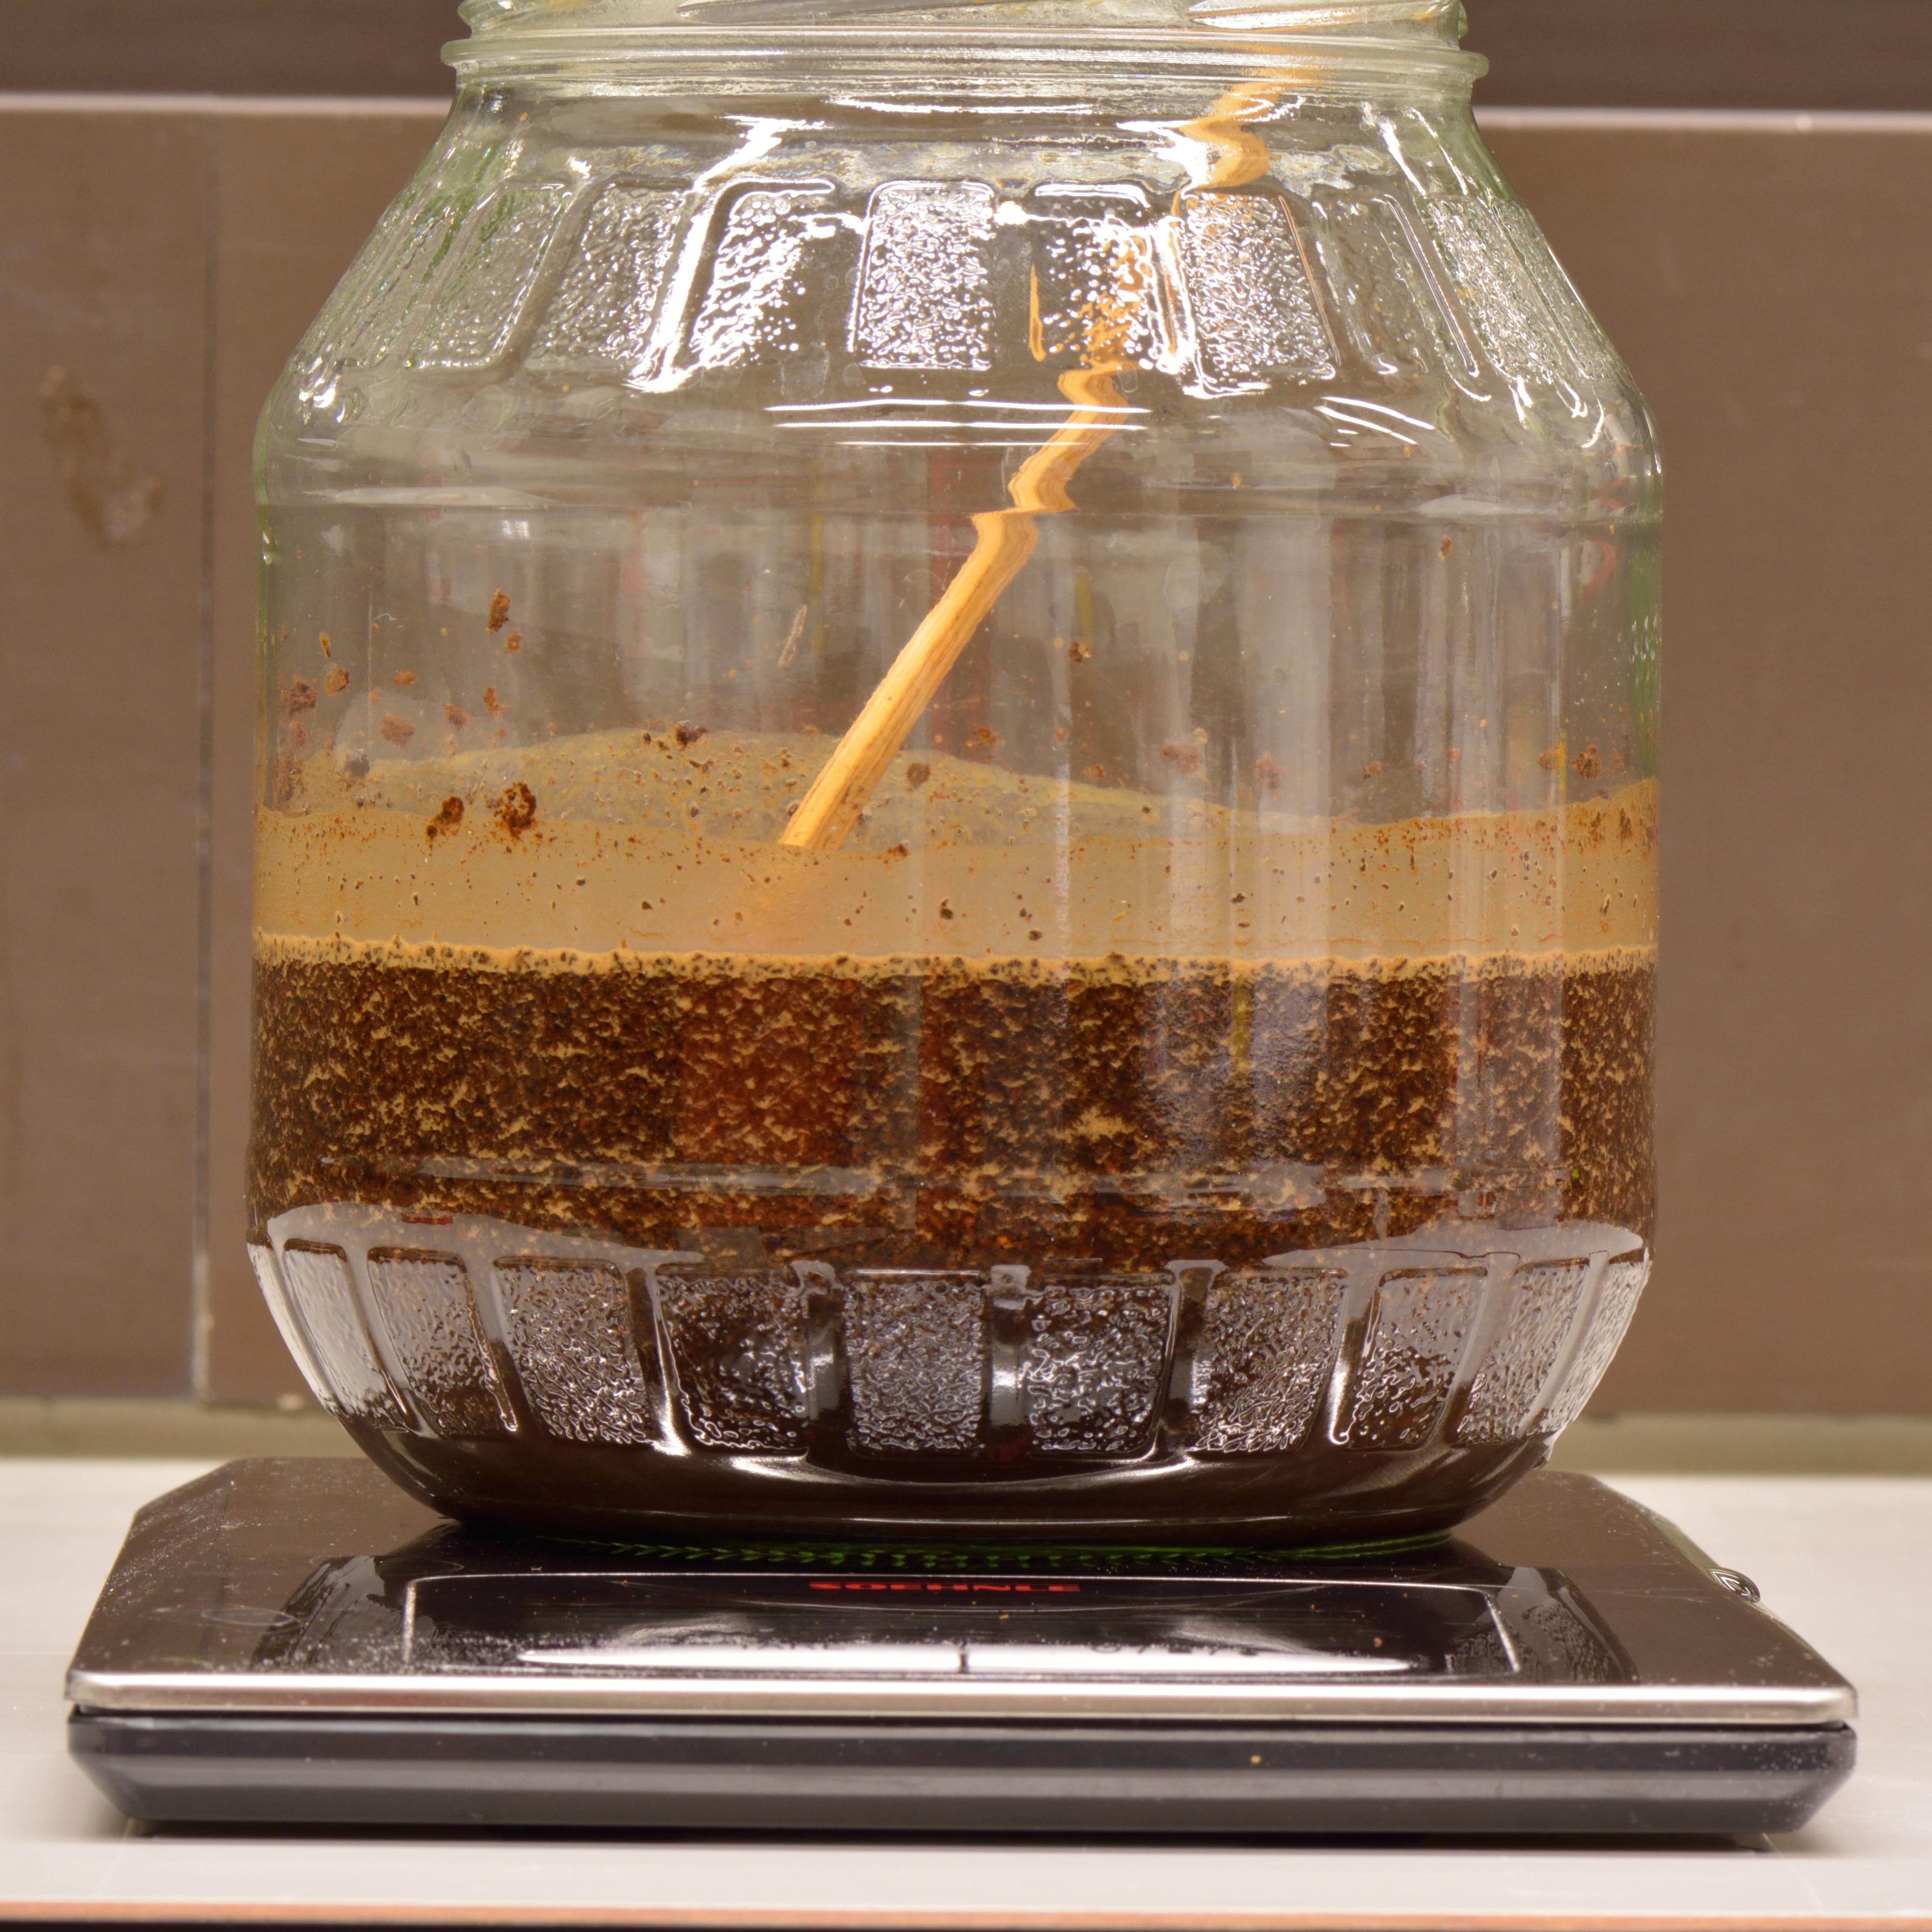 Balanced Coffee